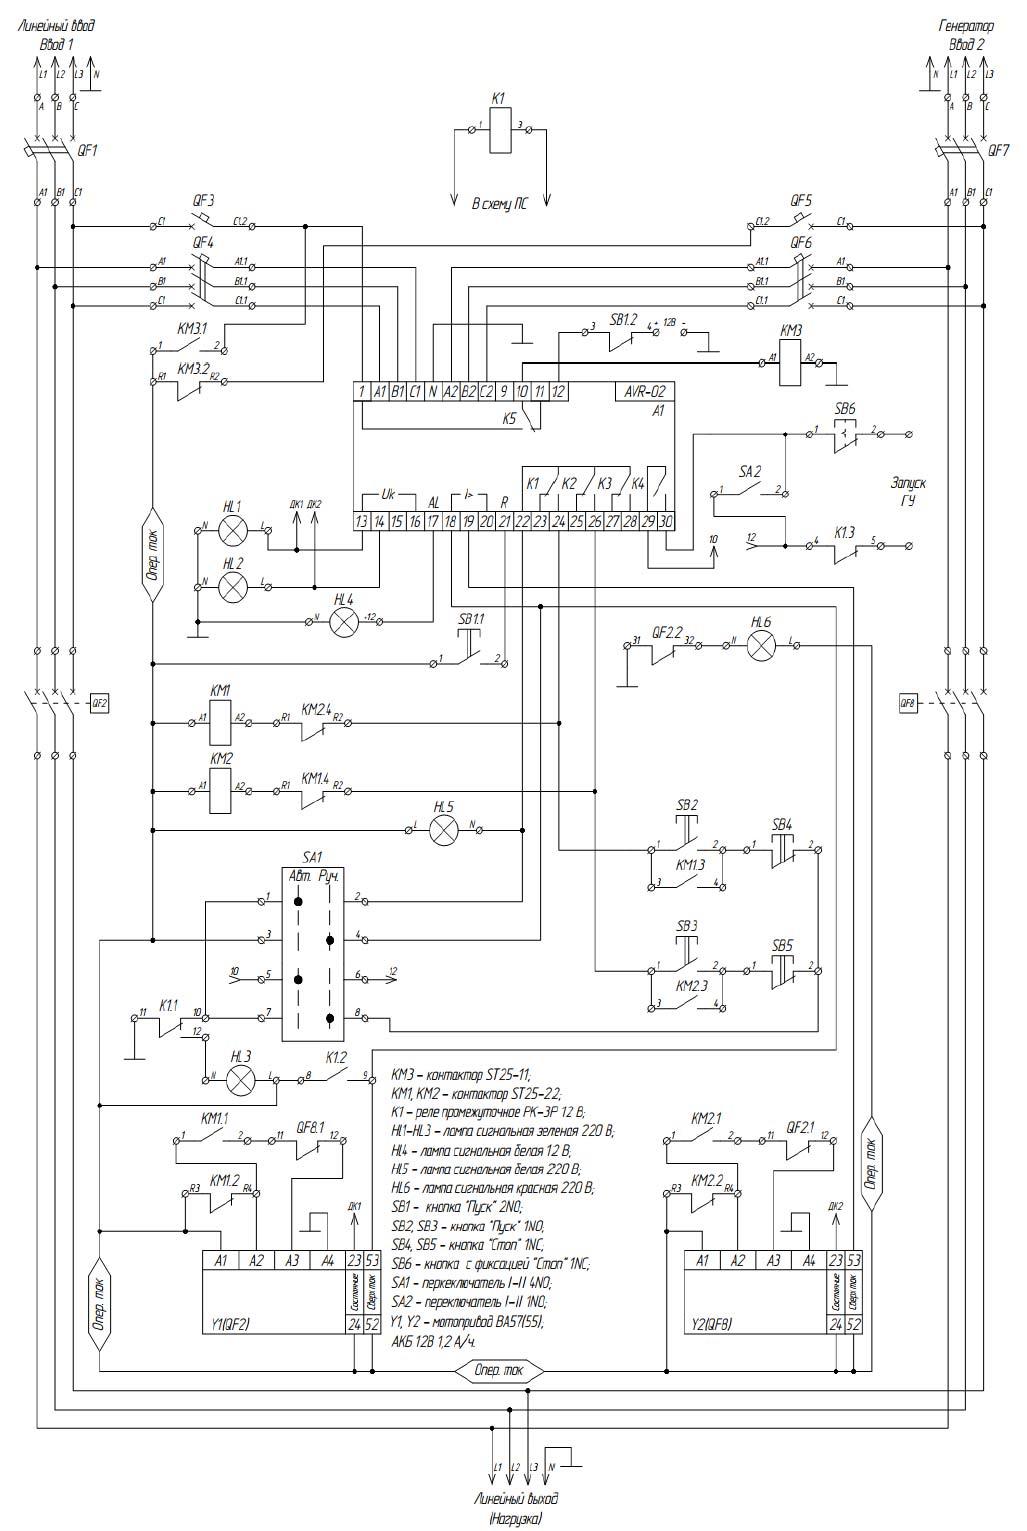 Schema för AVR-strömöversättningen till generatorn när spänningen försvinner